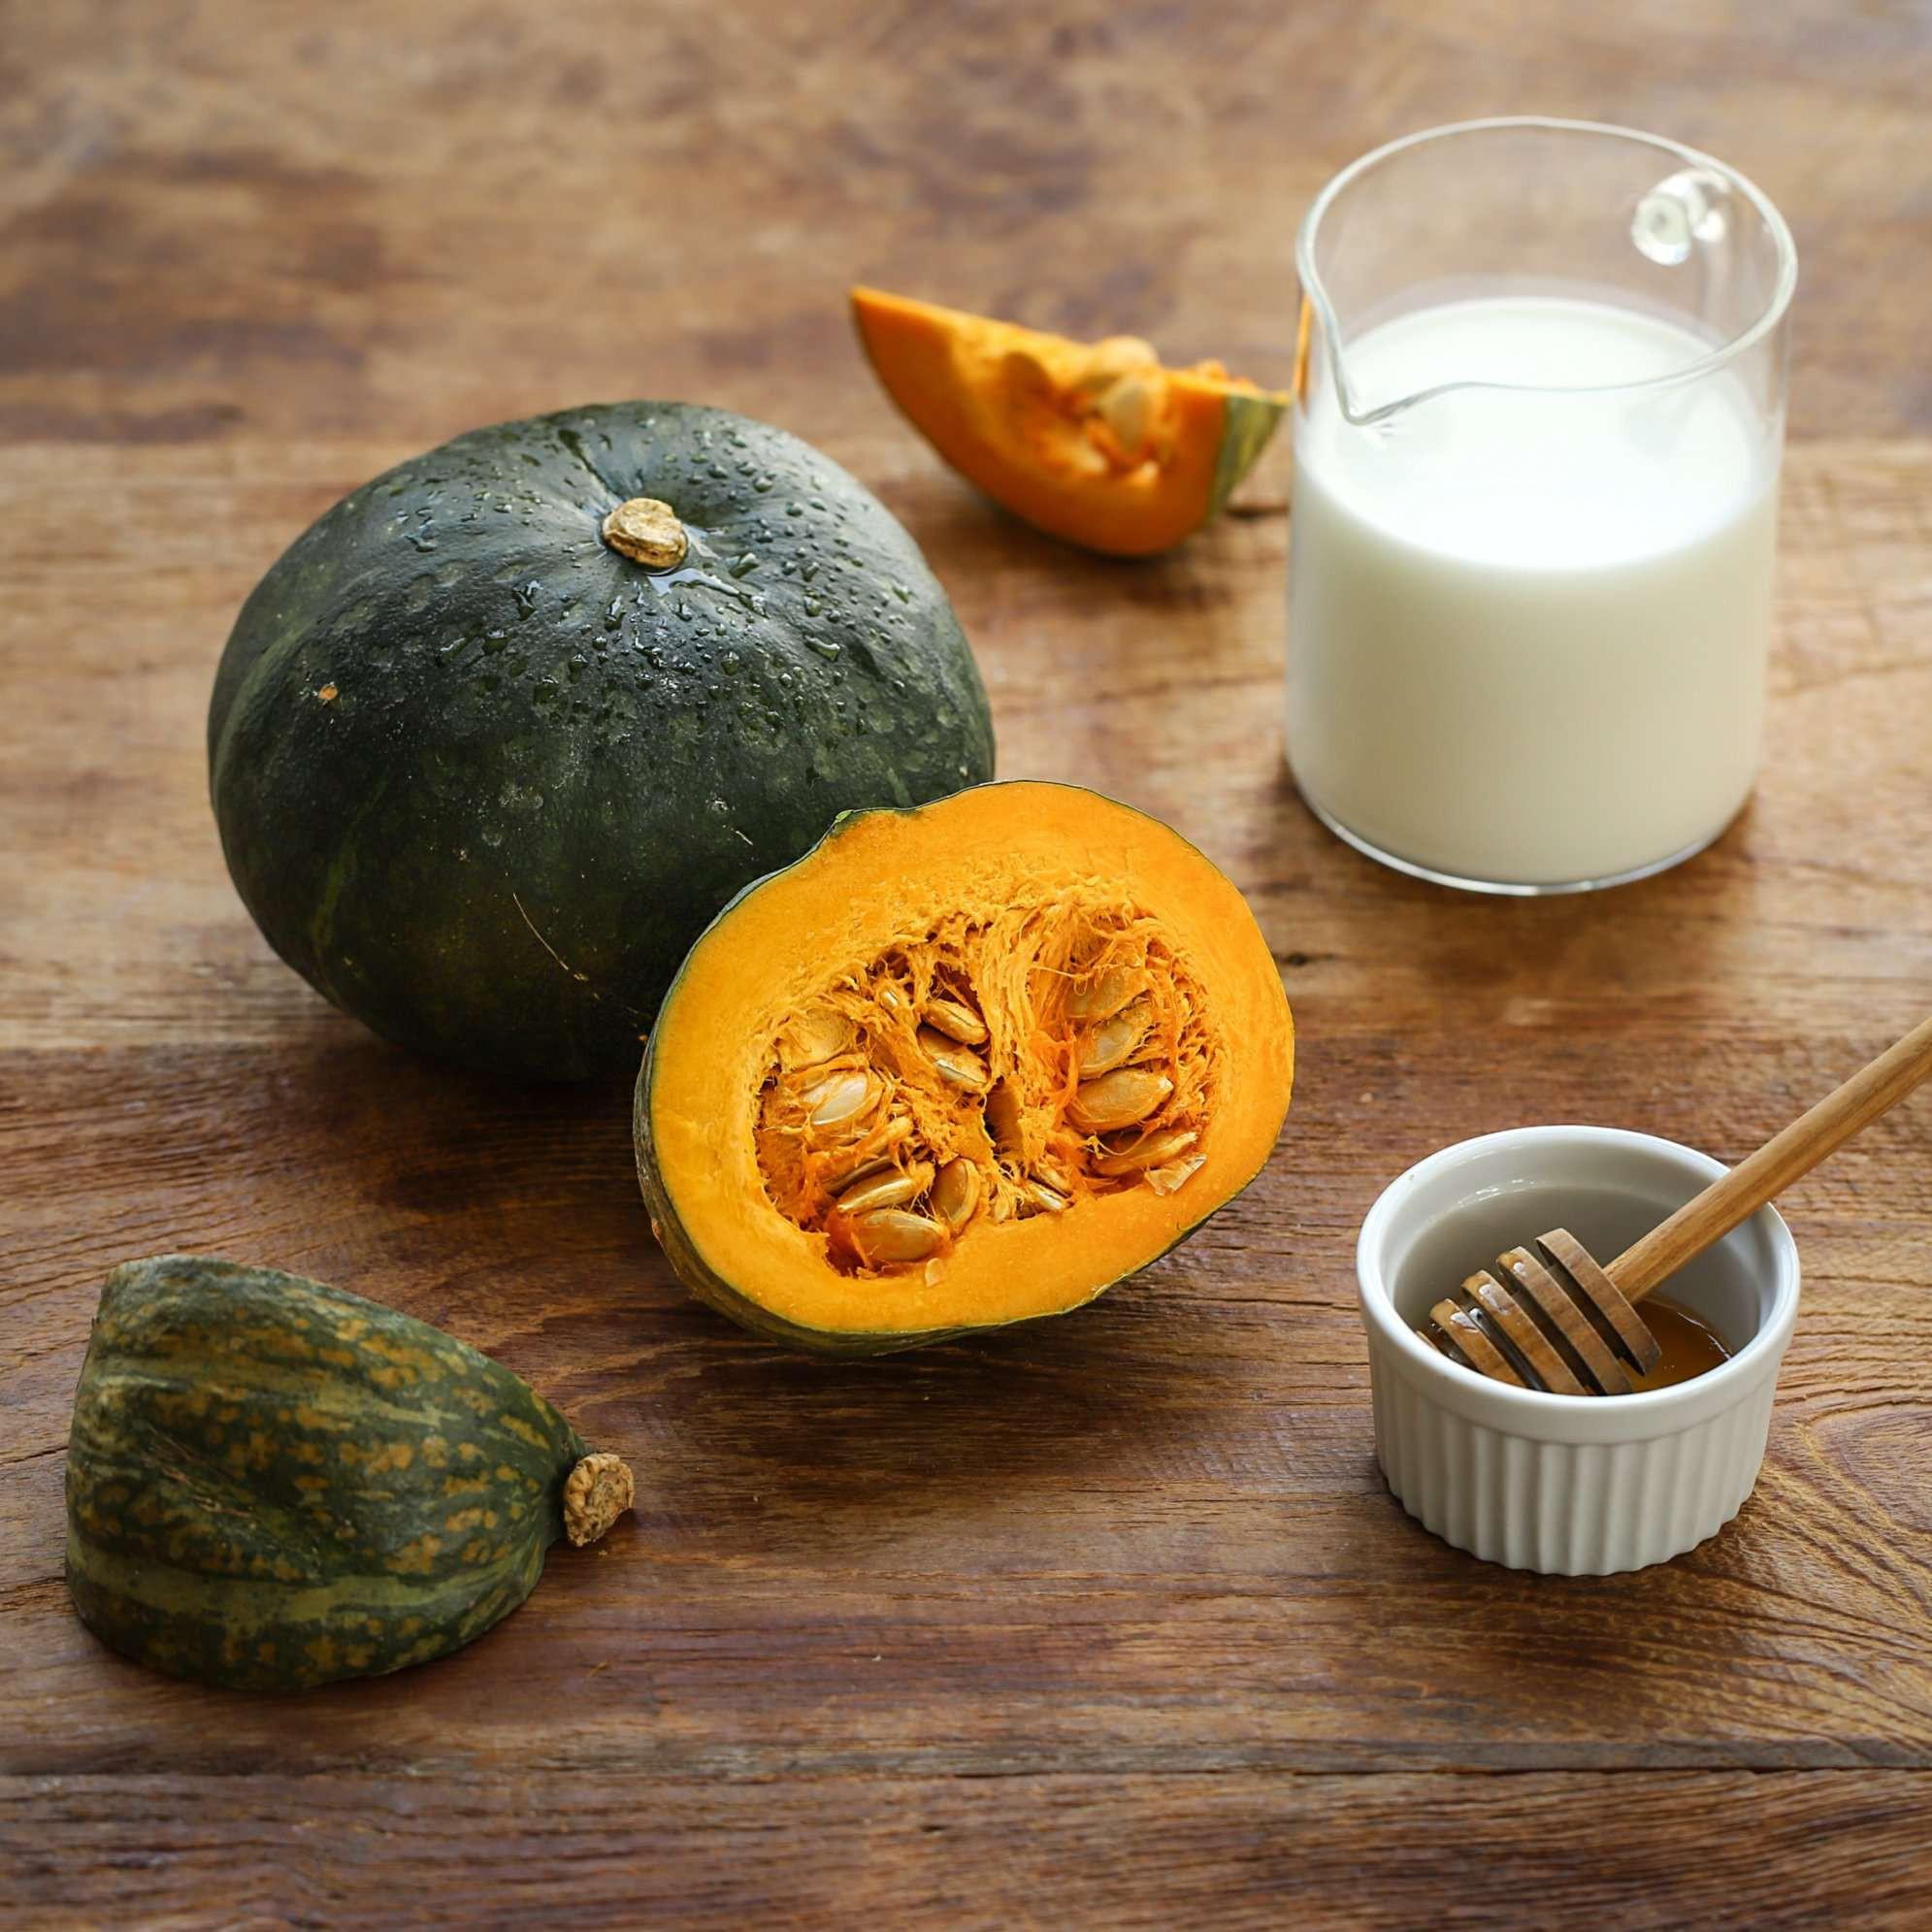 Với nguyên liệu siêu rẻ, dễ mua hãy làm ngay thức uống vô cùng lành mạnh này để tăng sức khỏe cho cả nhà nhé! - Ảnh 2